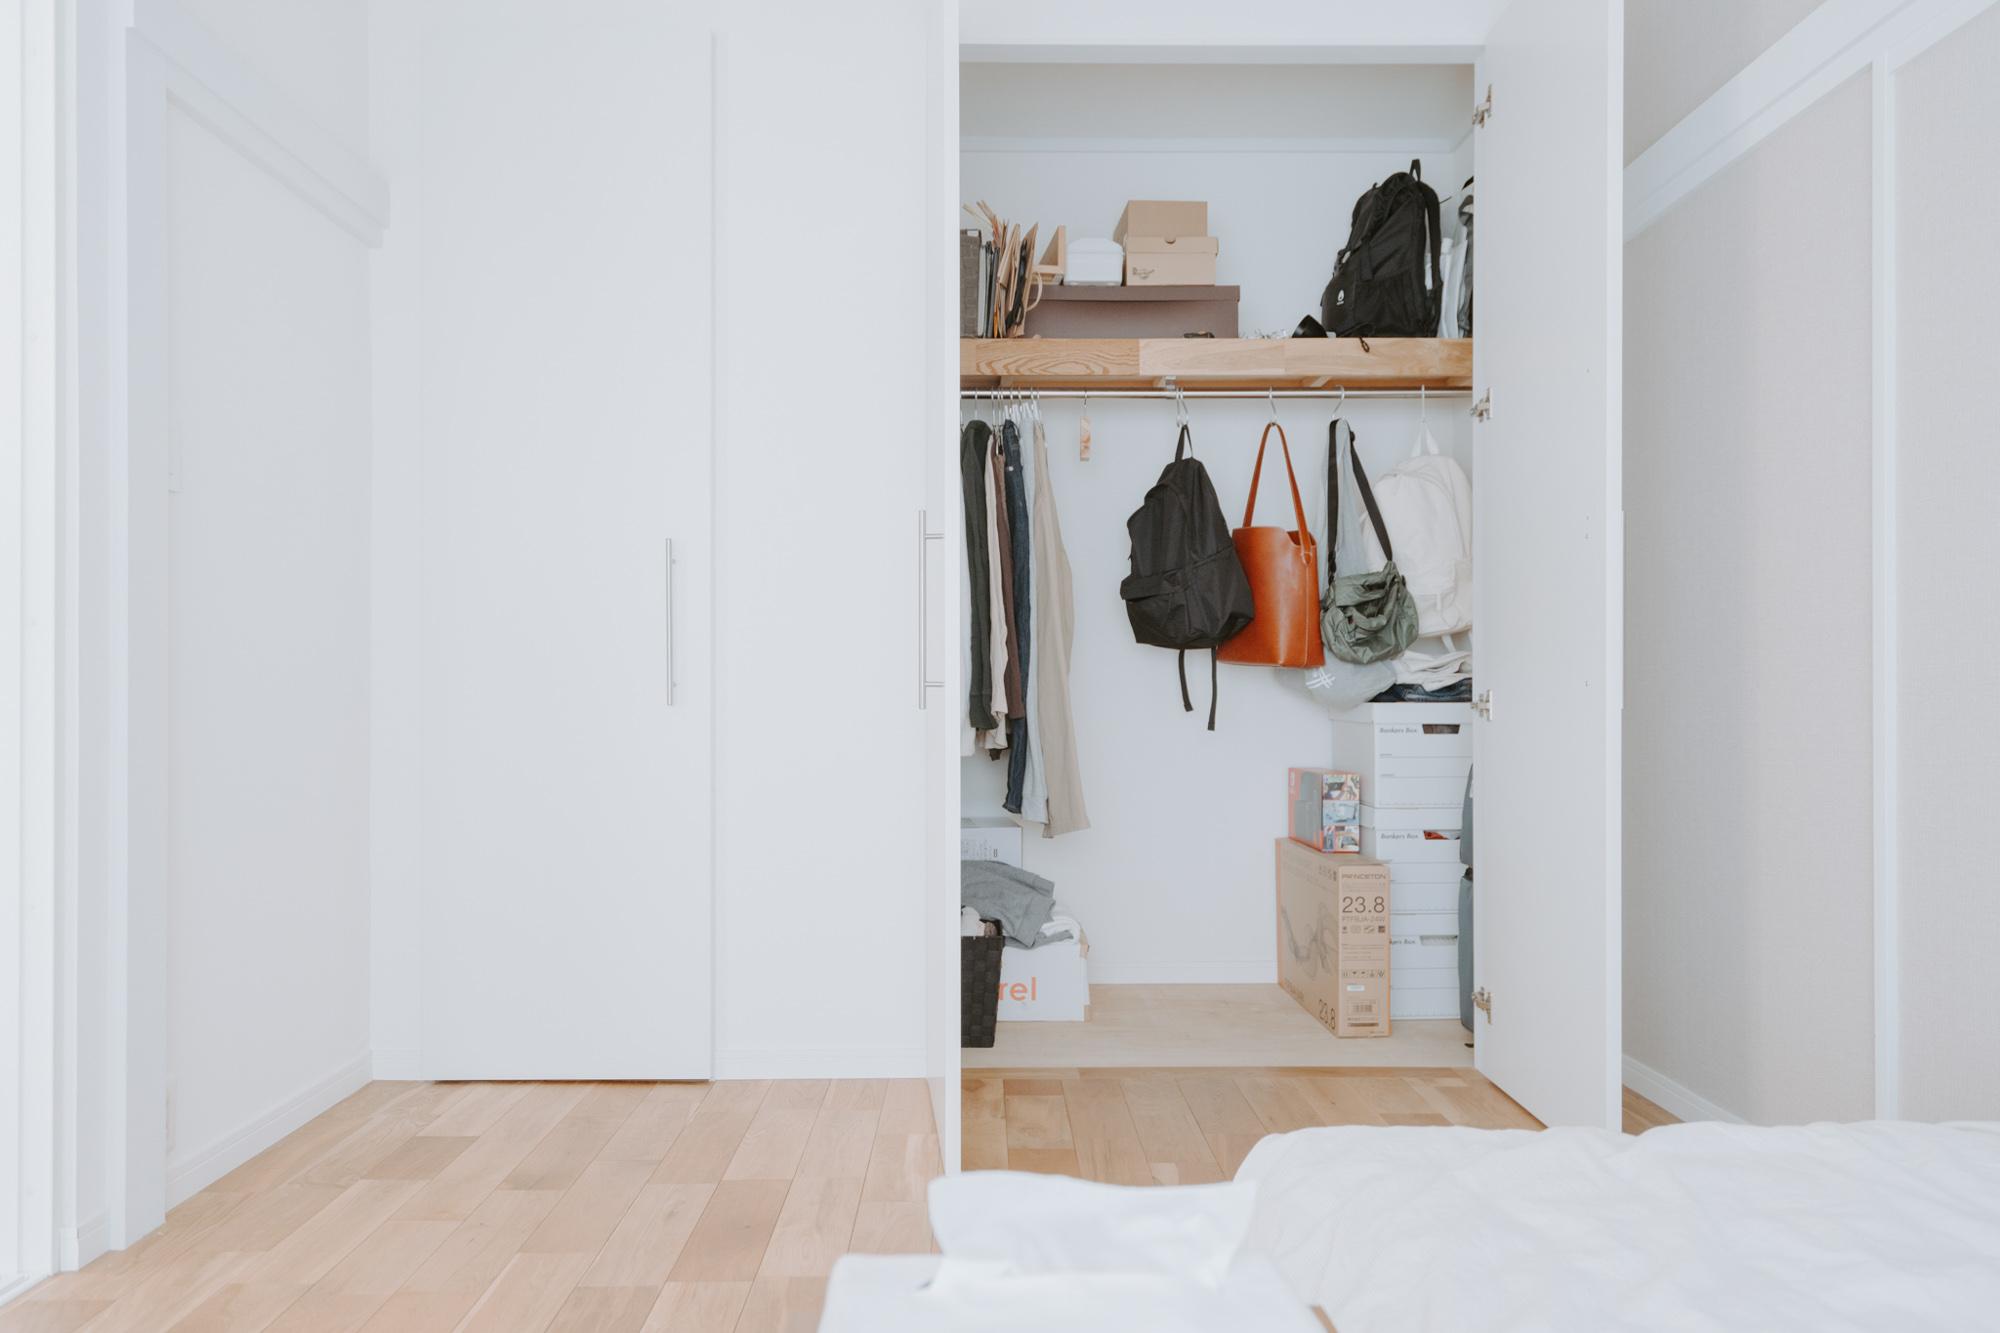 クローゼットは服だけでなく、カバンも引っ掛けて収納するゆとりがあります。